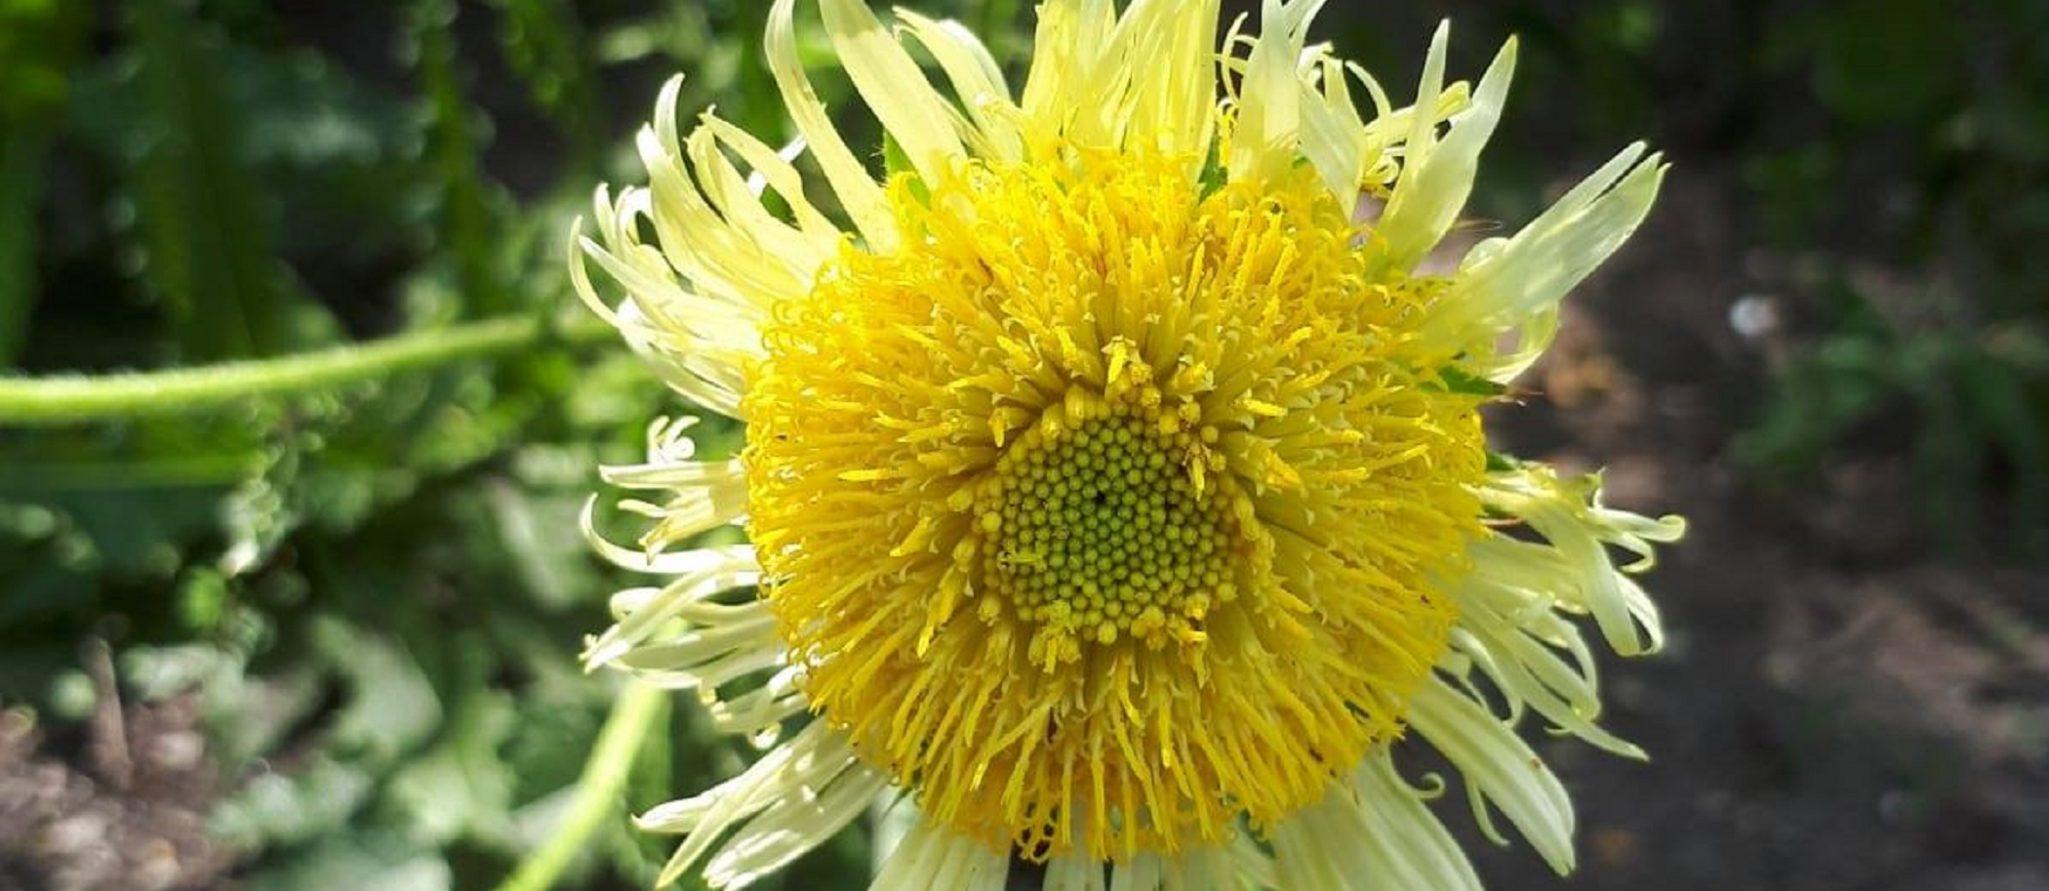 bloem afrikaanse distel Berkheya Radula